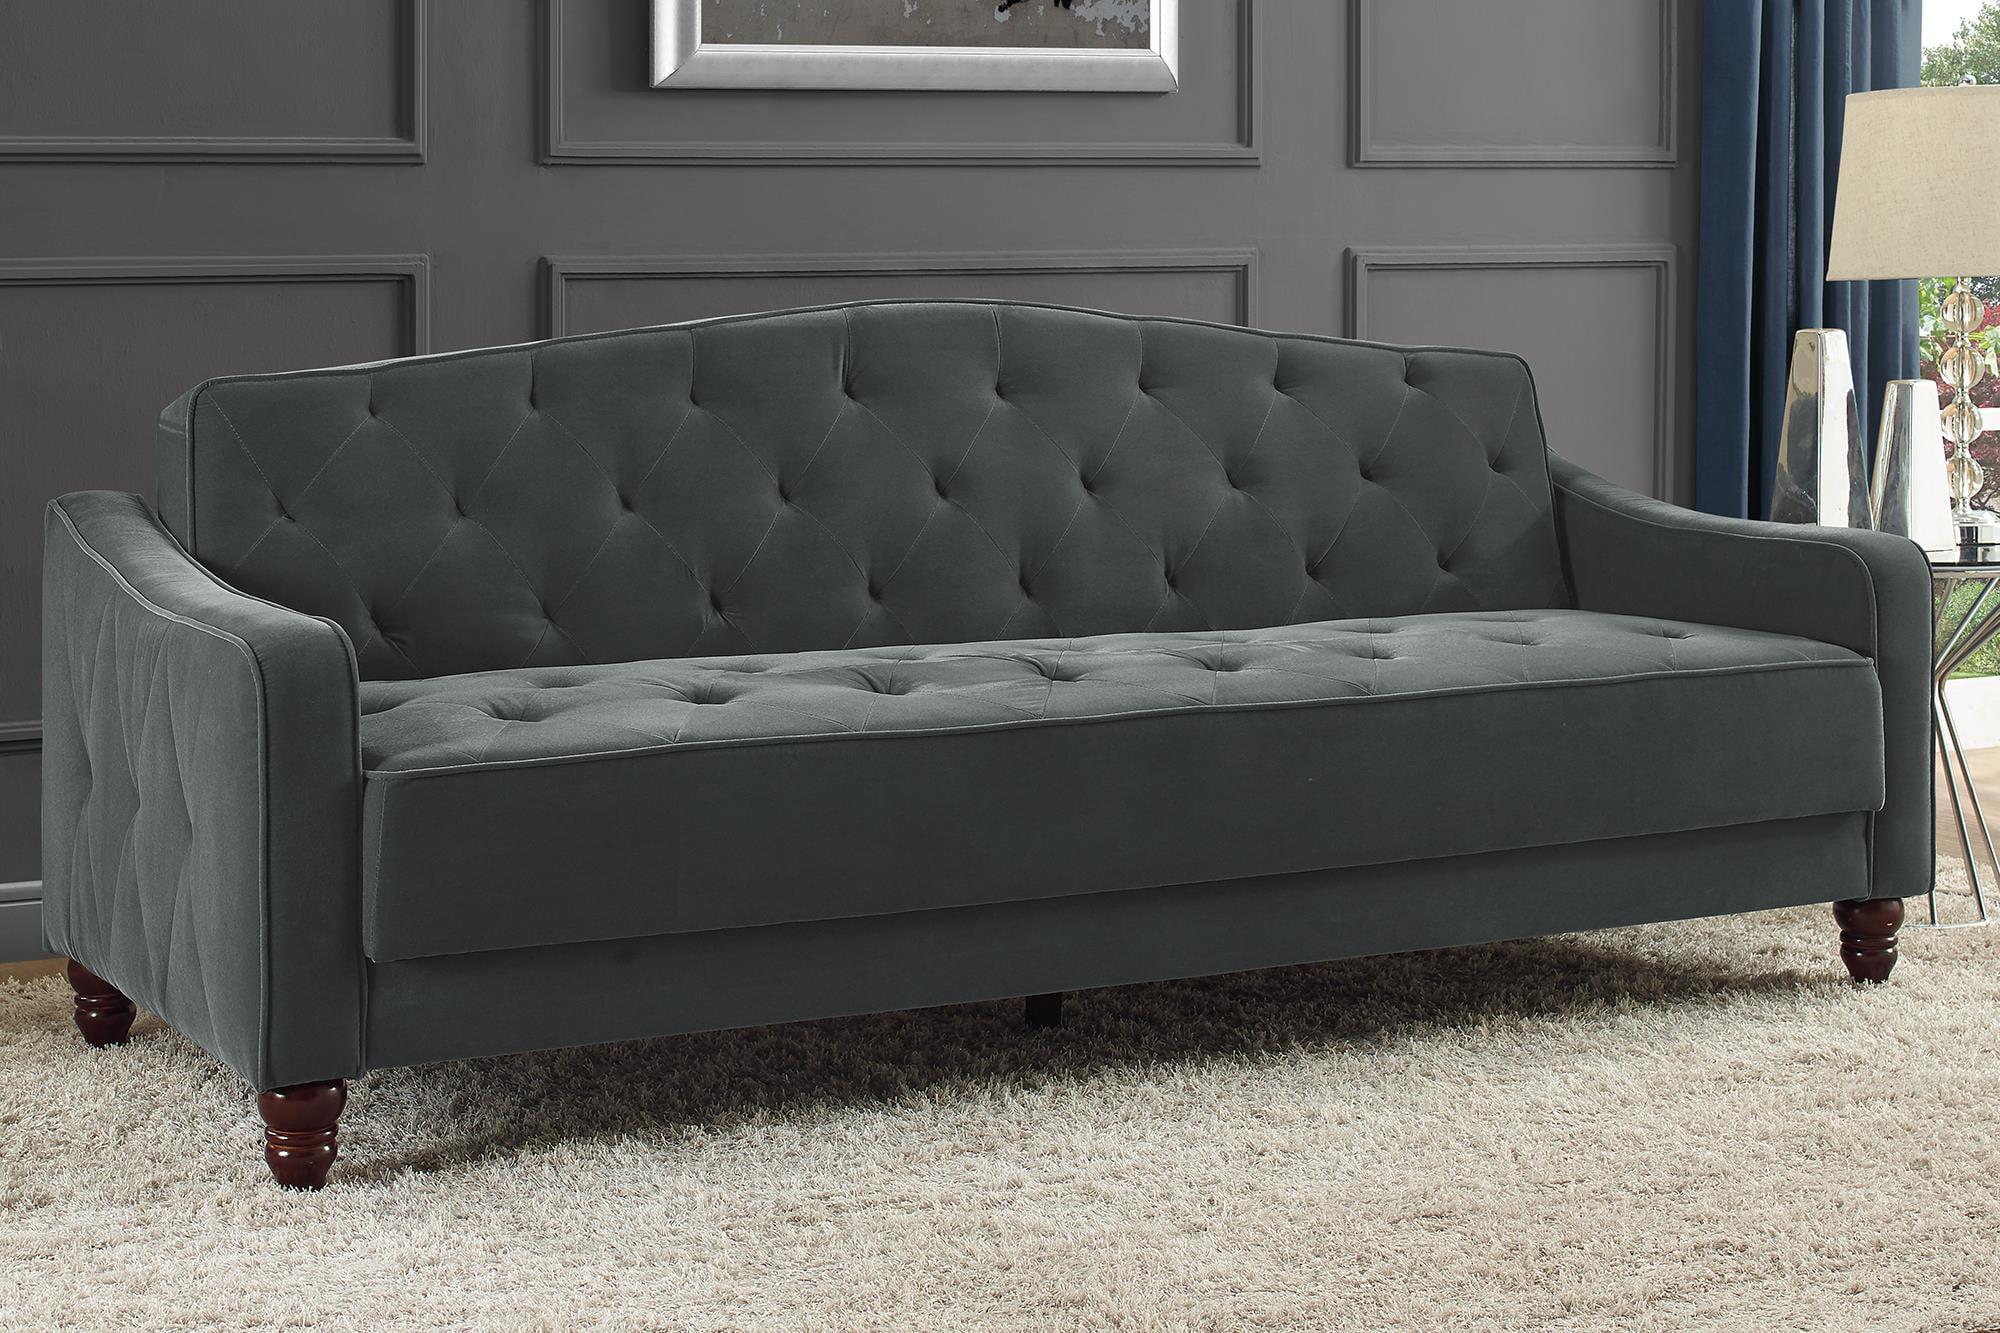 Novogratz Vintage Tufted Sofa Sleeper II, Multiple Colors ...